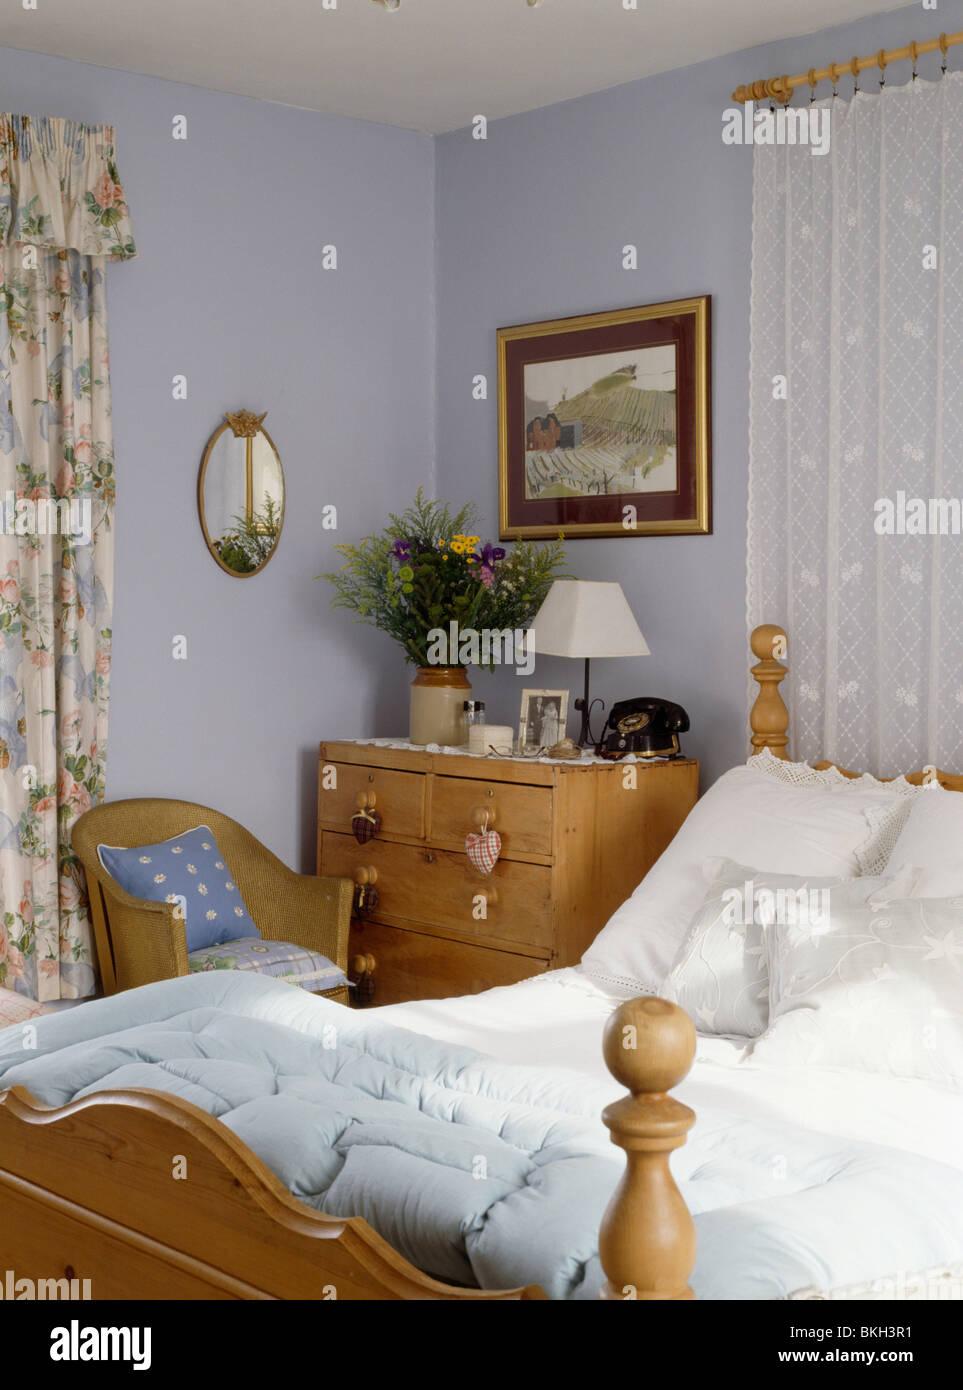 Kiefer Kommode Neben Bett Mit Spitzen Getrimmten Kissen Und Quilt In